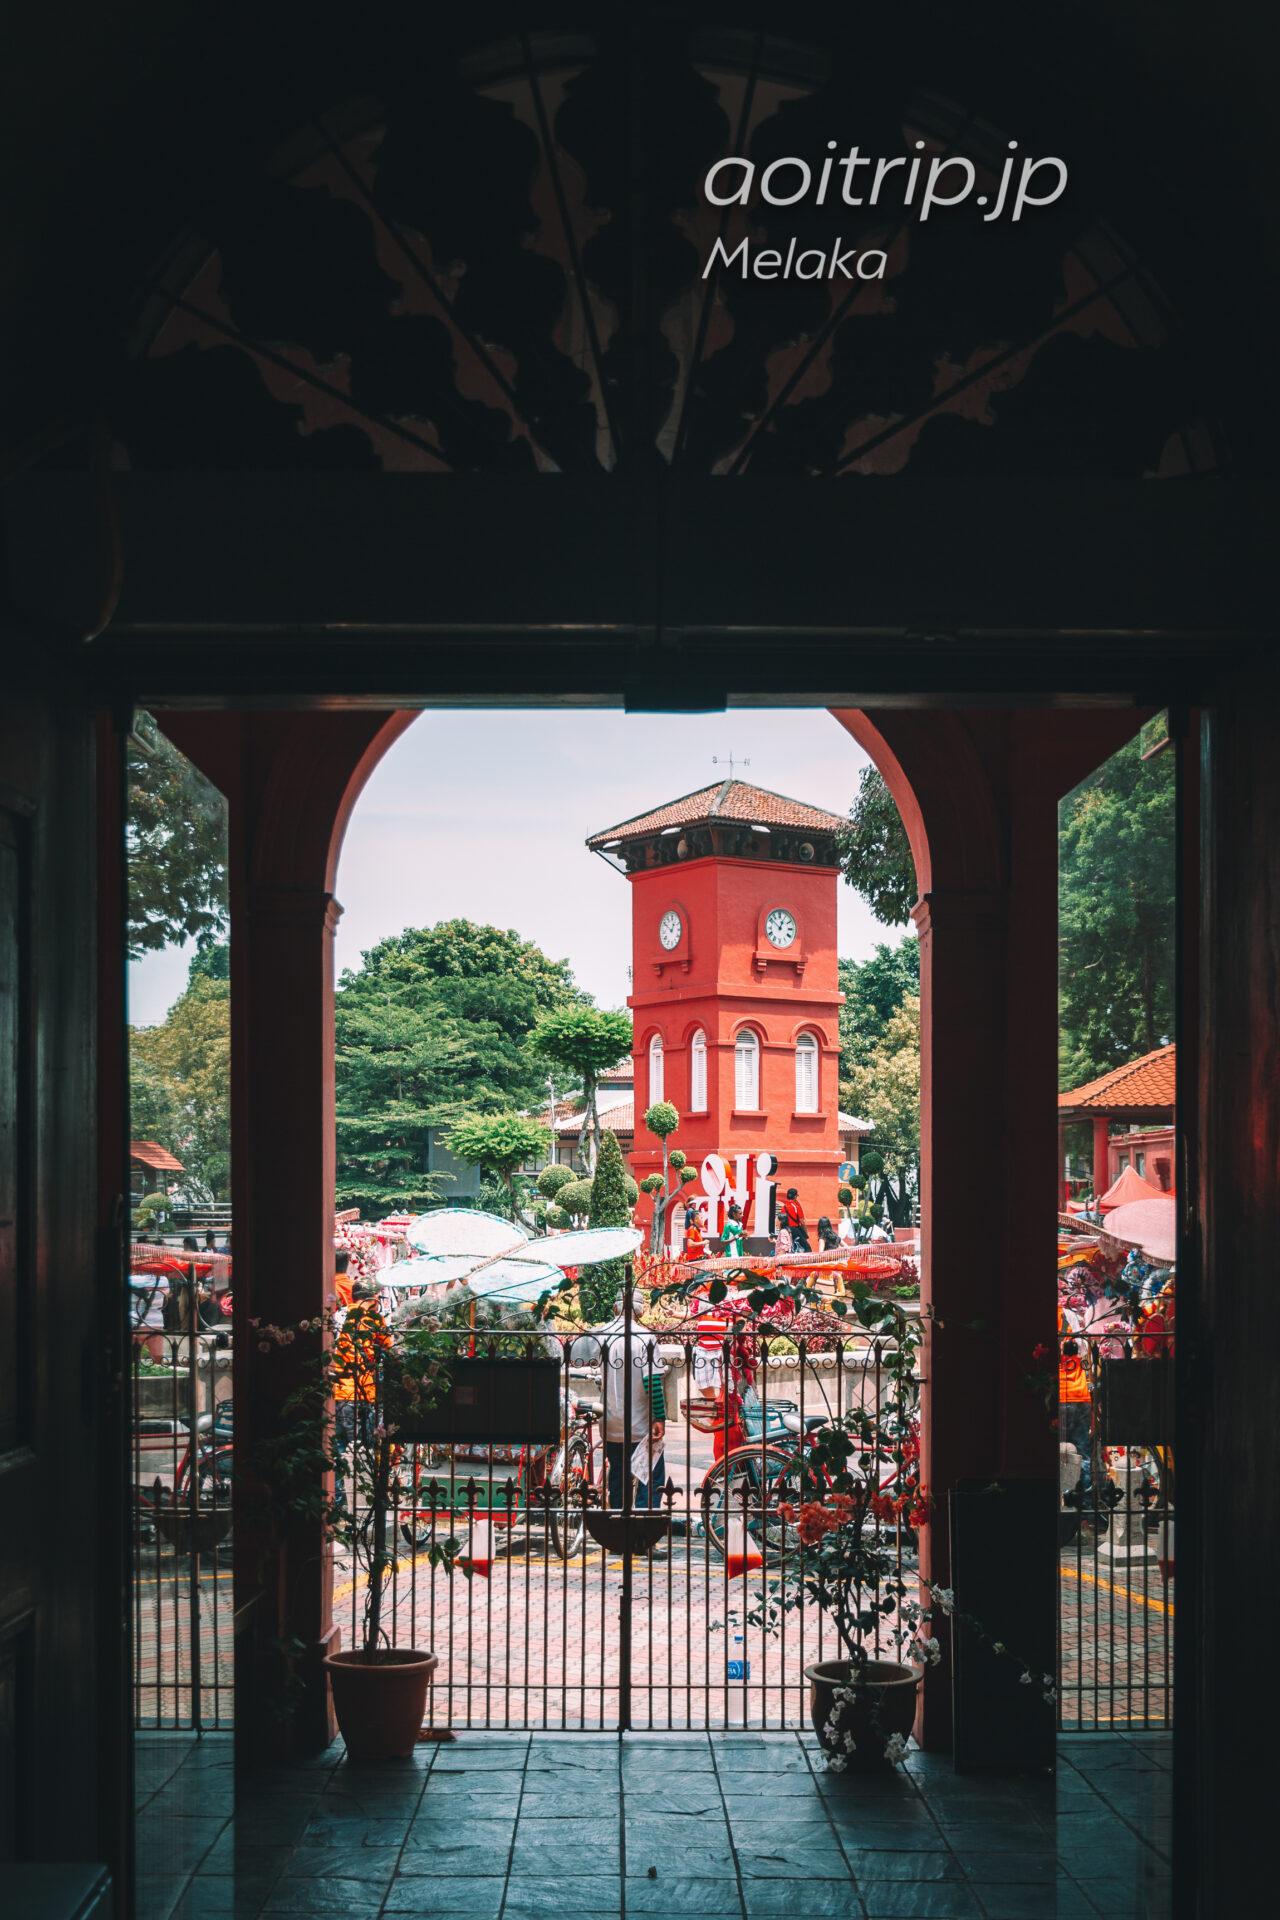 マラッカ キリスト教会 Chirist Church Melaka